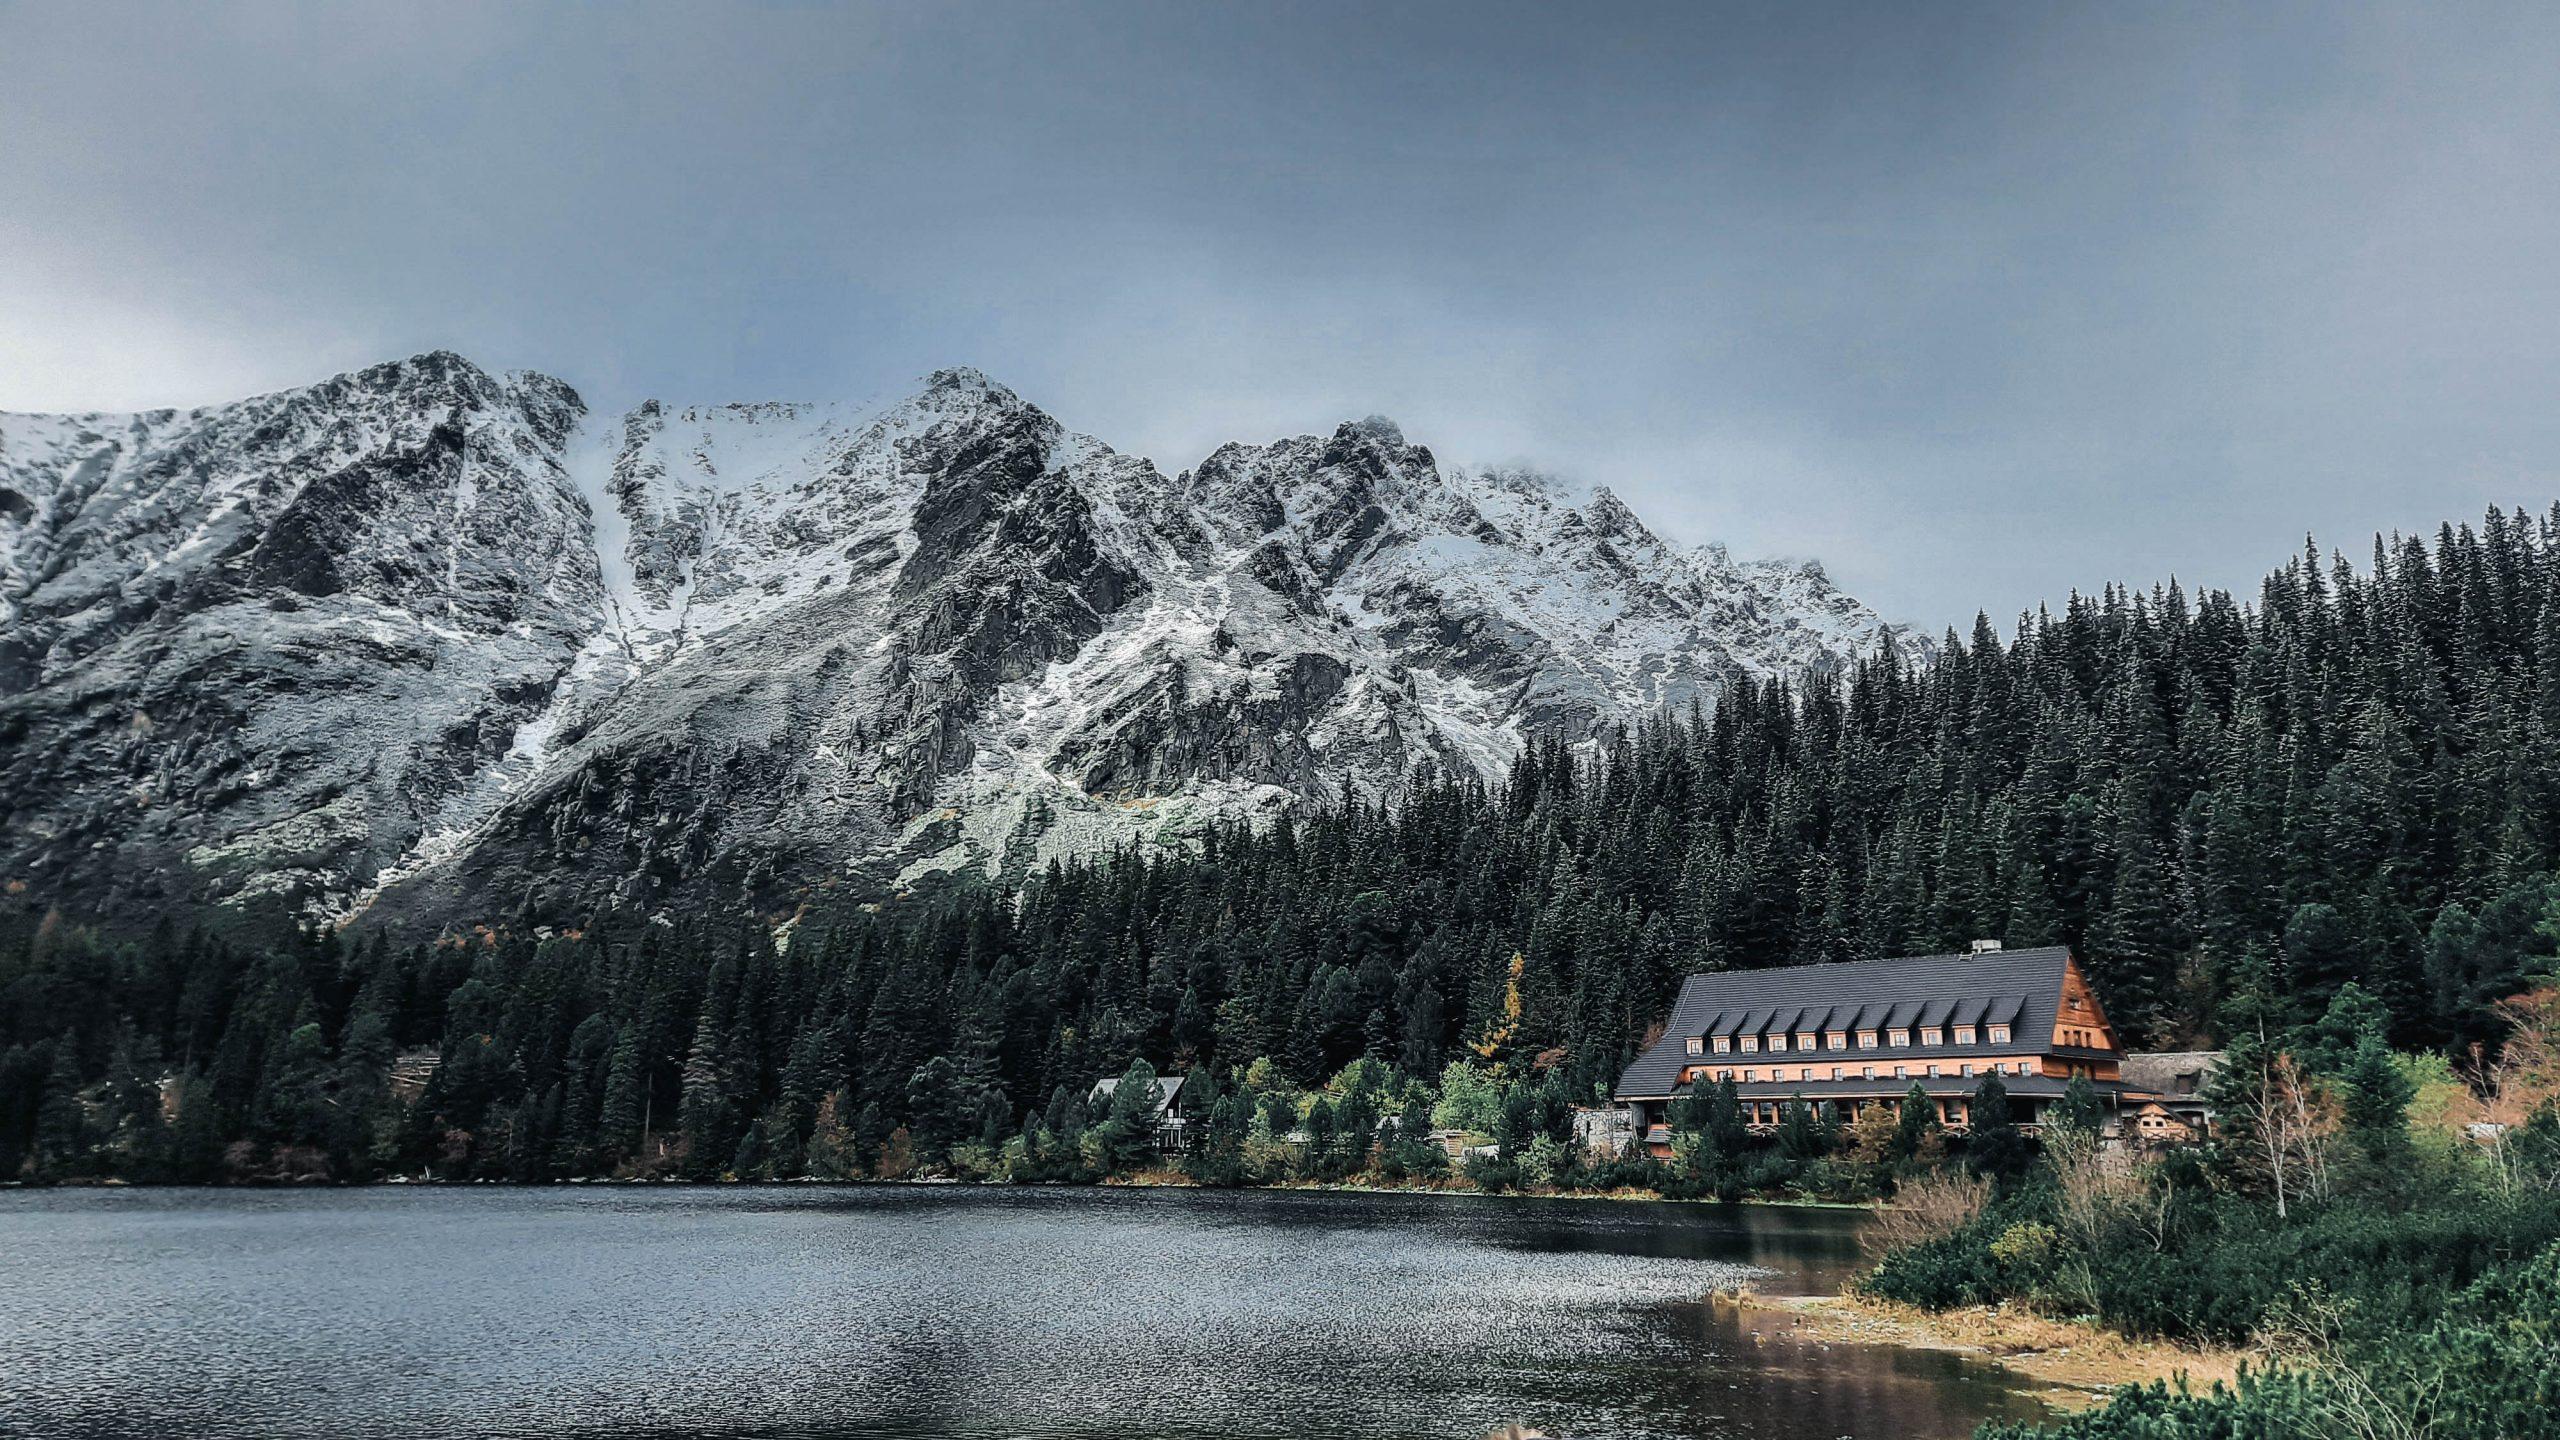 Словаччина, Словакия, фото, безкоштовне навчання, бесплатное образование